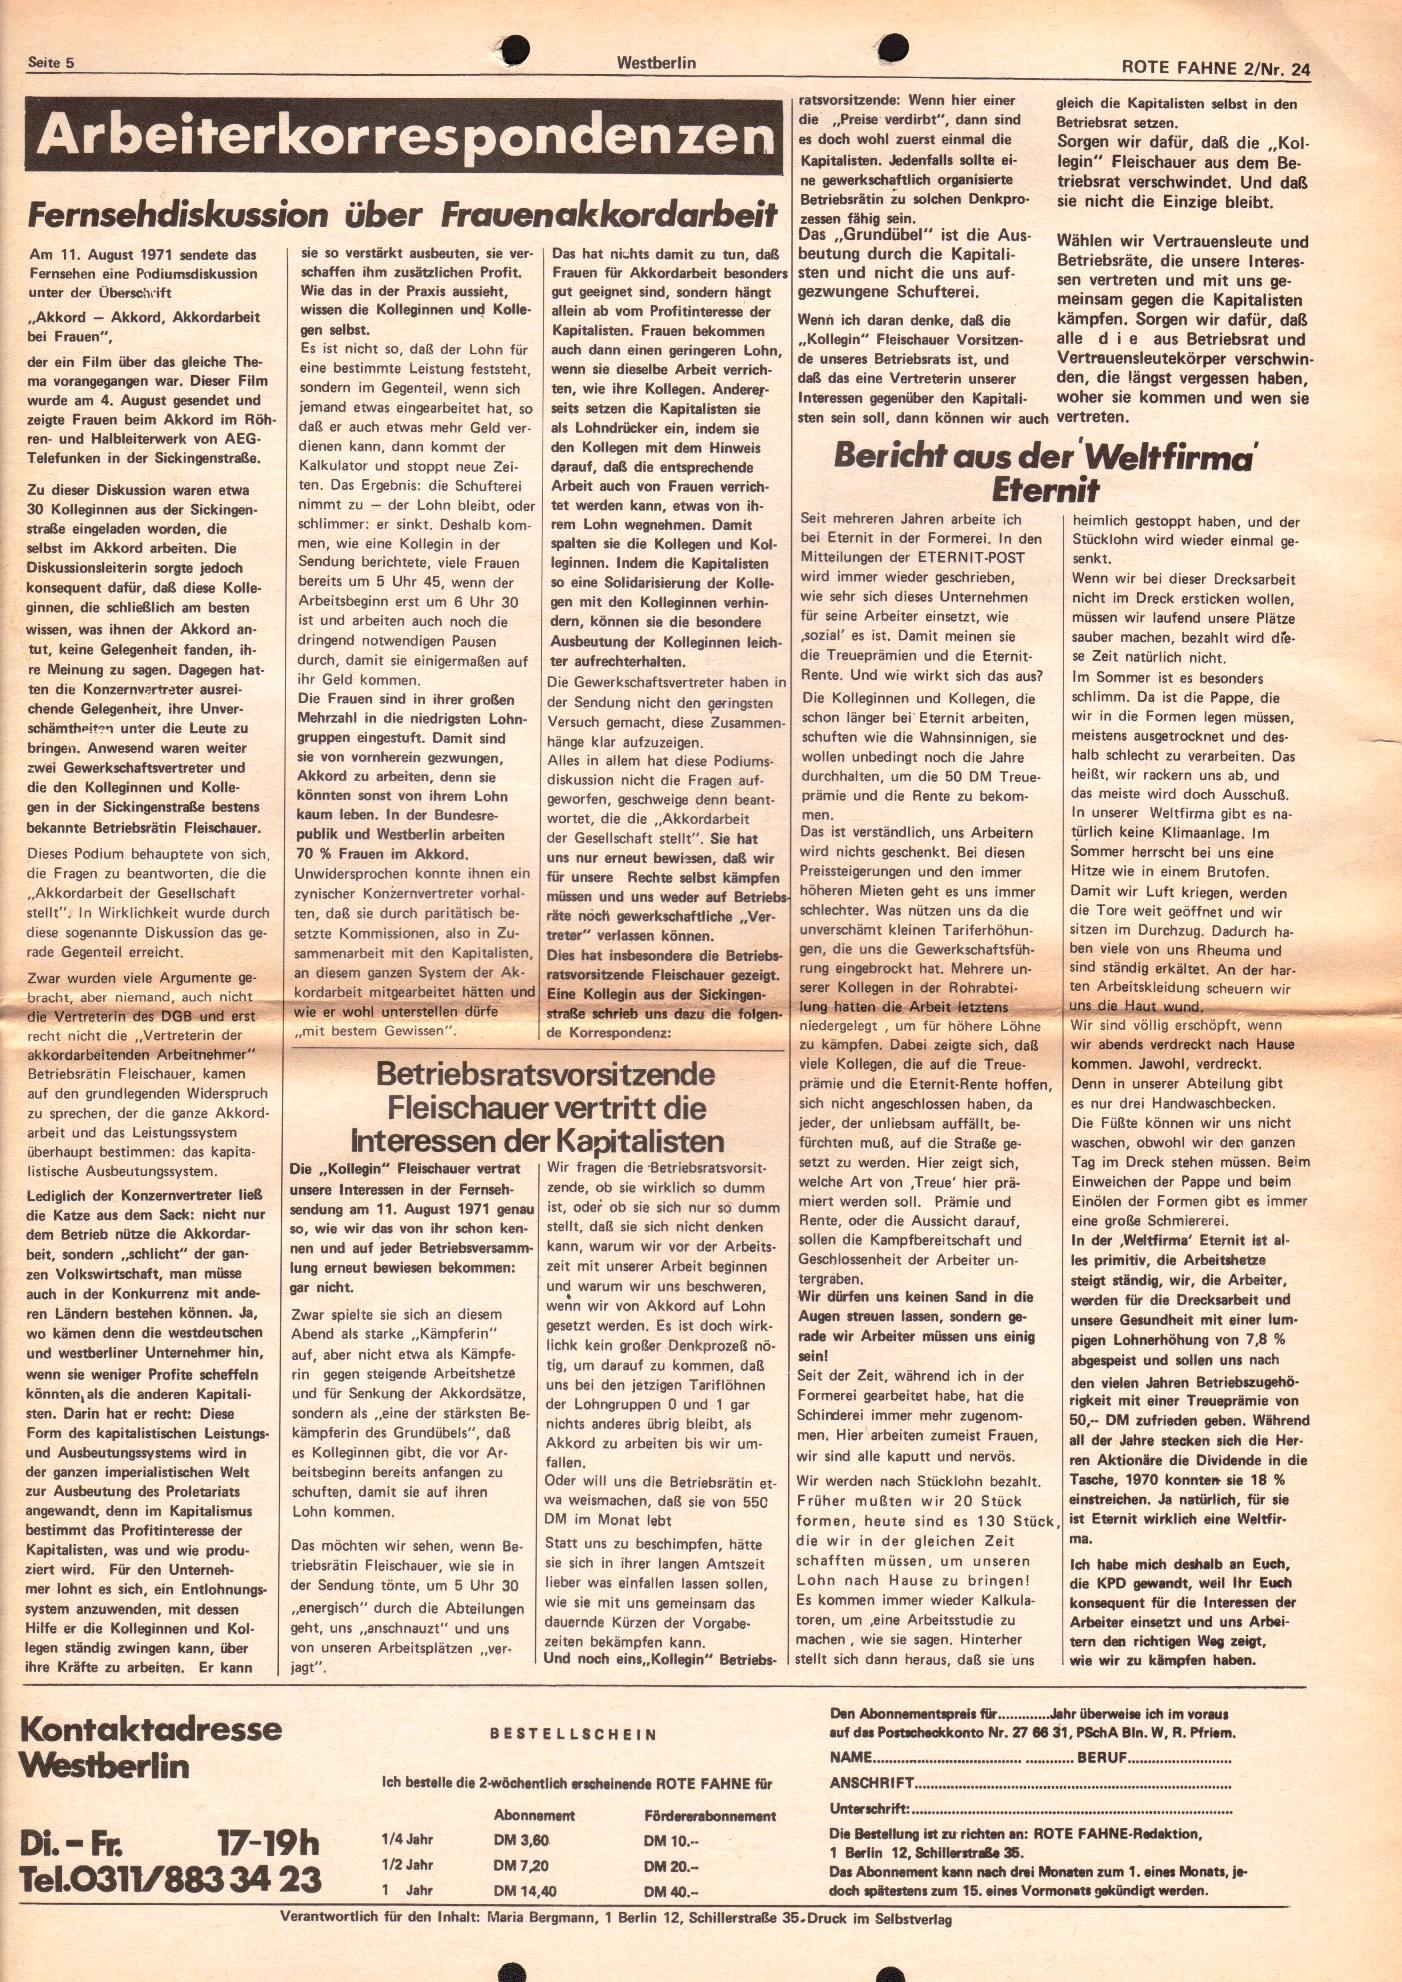 KPD_Rote_Fahne_1971_24_05